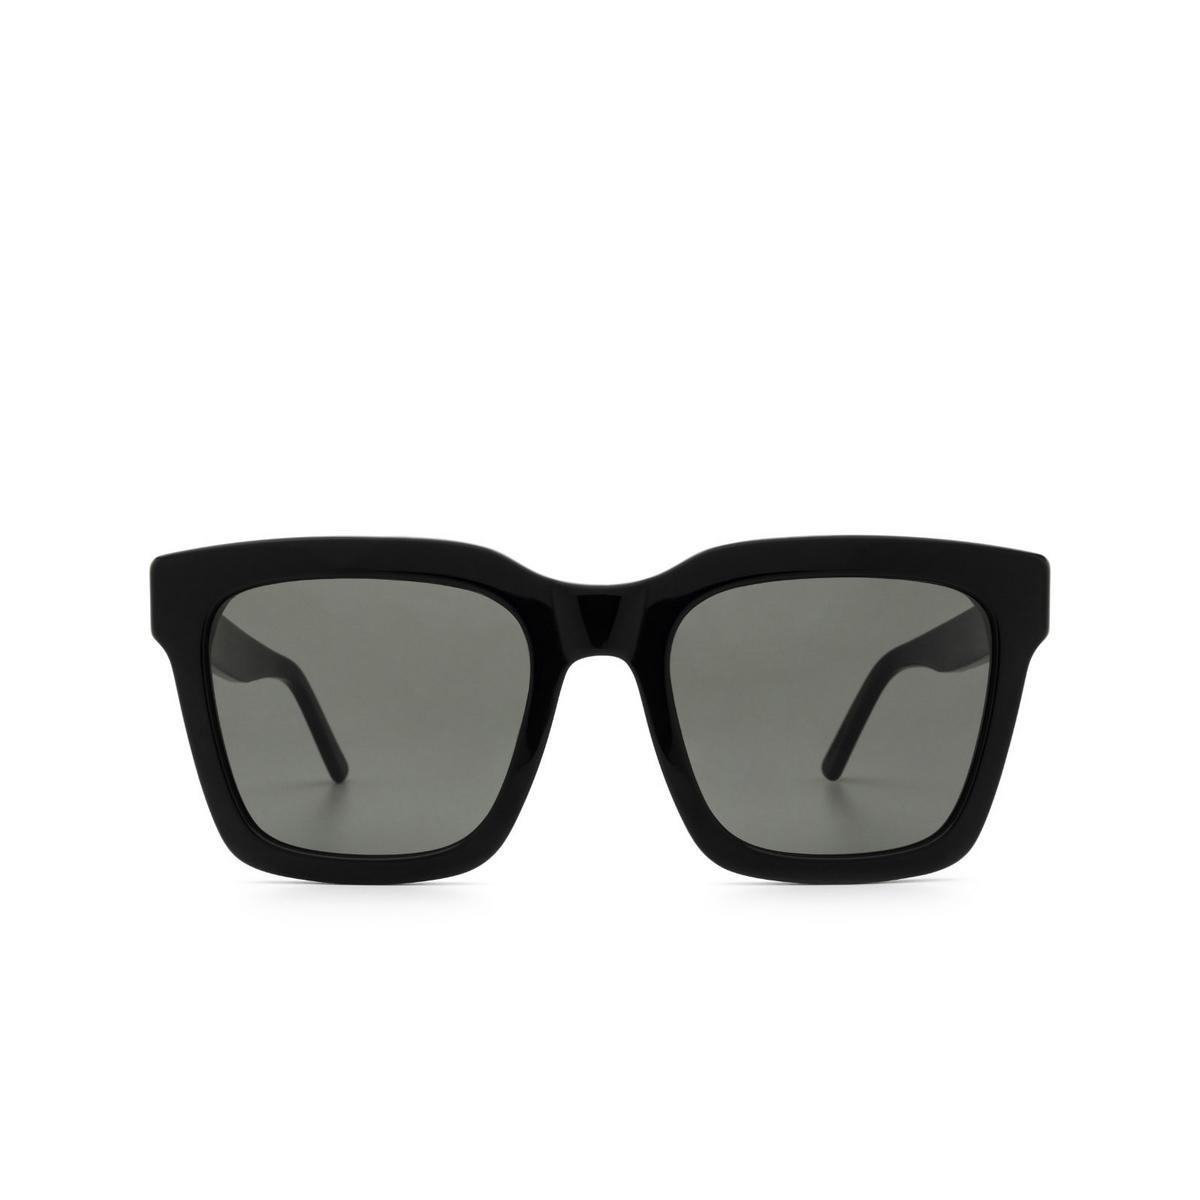 Retrosuperfuture® Square Sunglasses: Aalto color Black UR1 - front view.